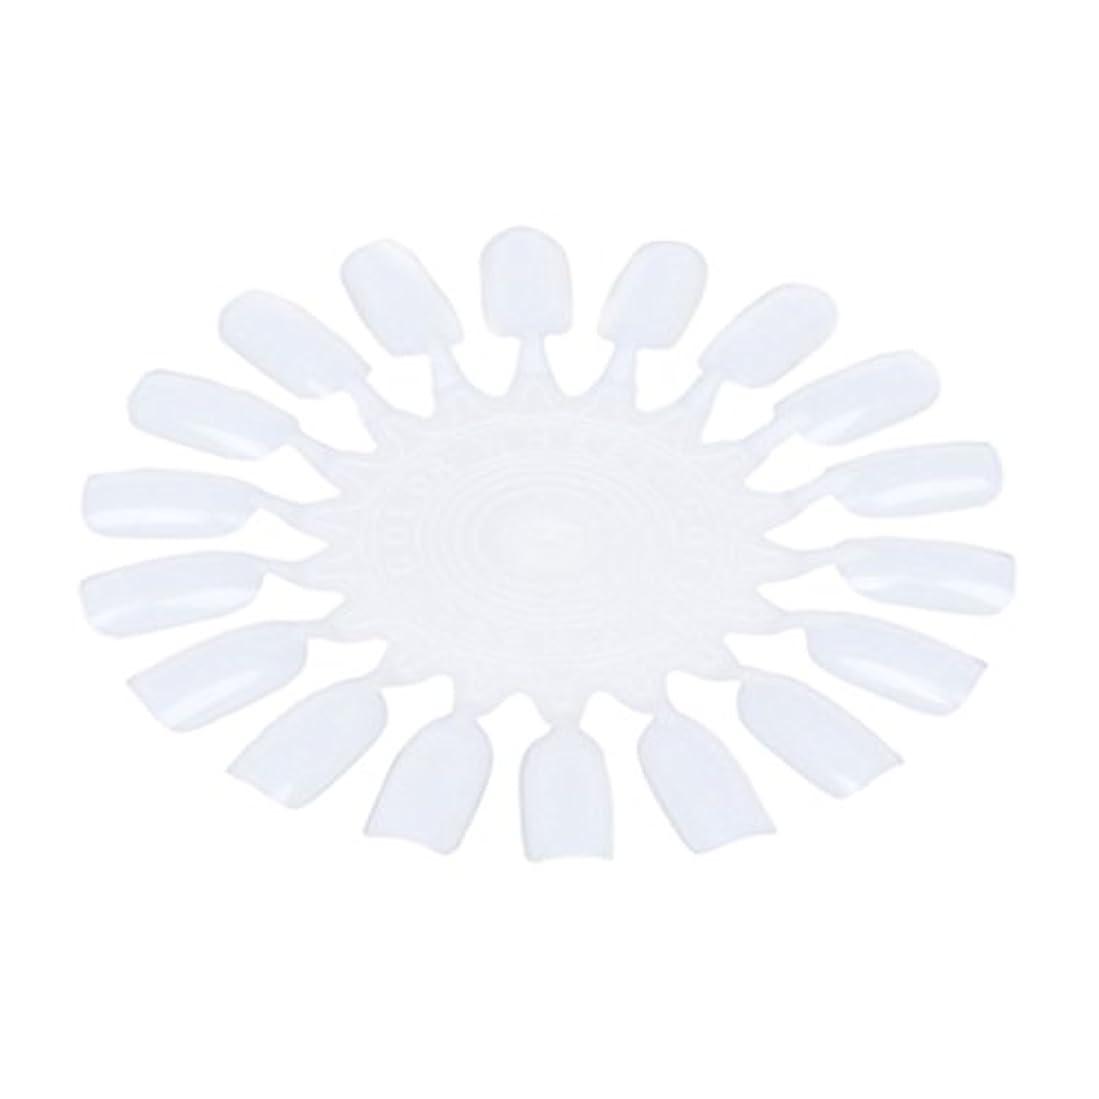 ページ通信するスピンNrpfell 10個 メークアップ化粧ネイル ポーランドカラー段ボールカラーチャート18カラー ベージュ